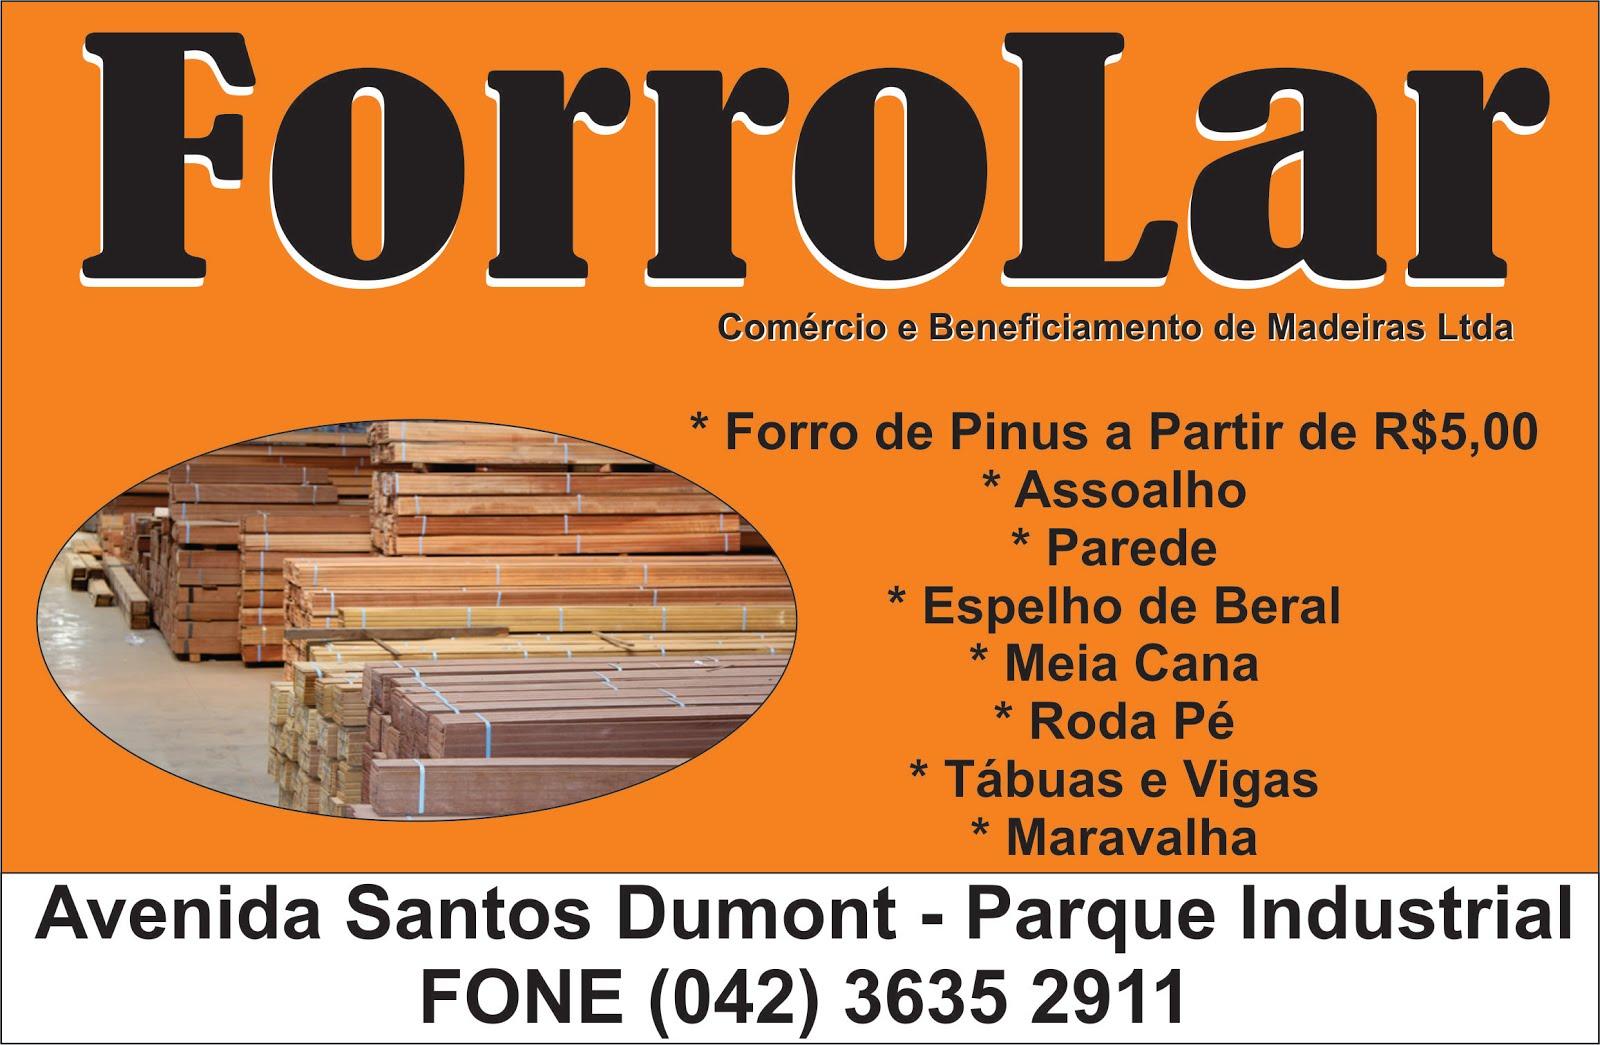 Forrolar - Comercio e Beneficiamento de Madeiras Ltda